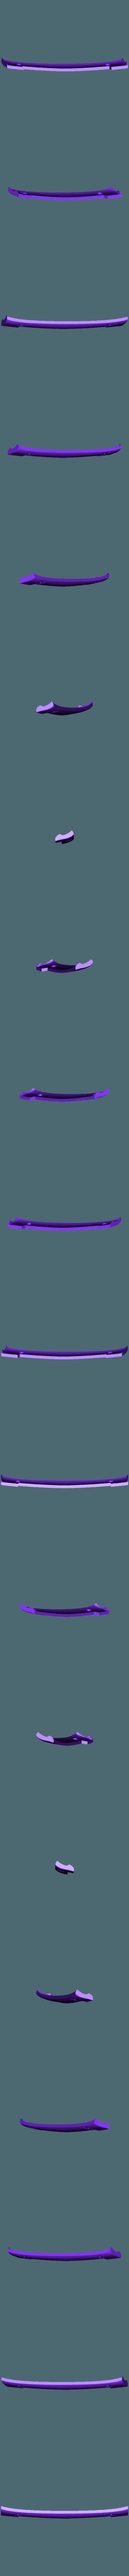 HoodBottom_Front.stl Descargar archivo STL CHEVY VAN G20 RC BODY SCALER AXIAL MST TRX4 RC4WD • Modelo para imprimir en 3D, ilyakapitonov